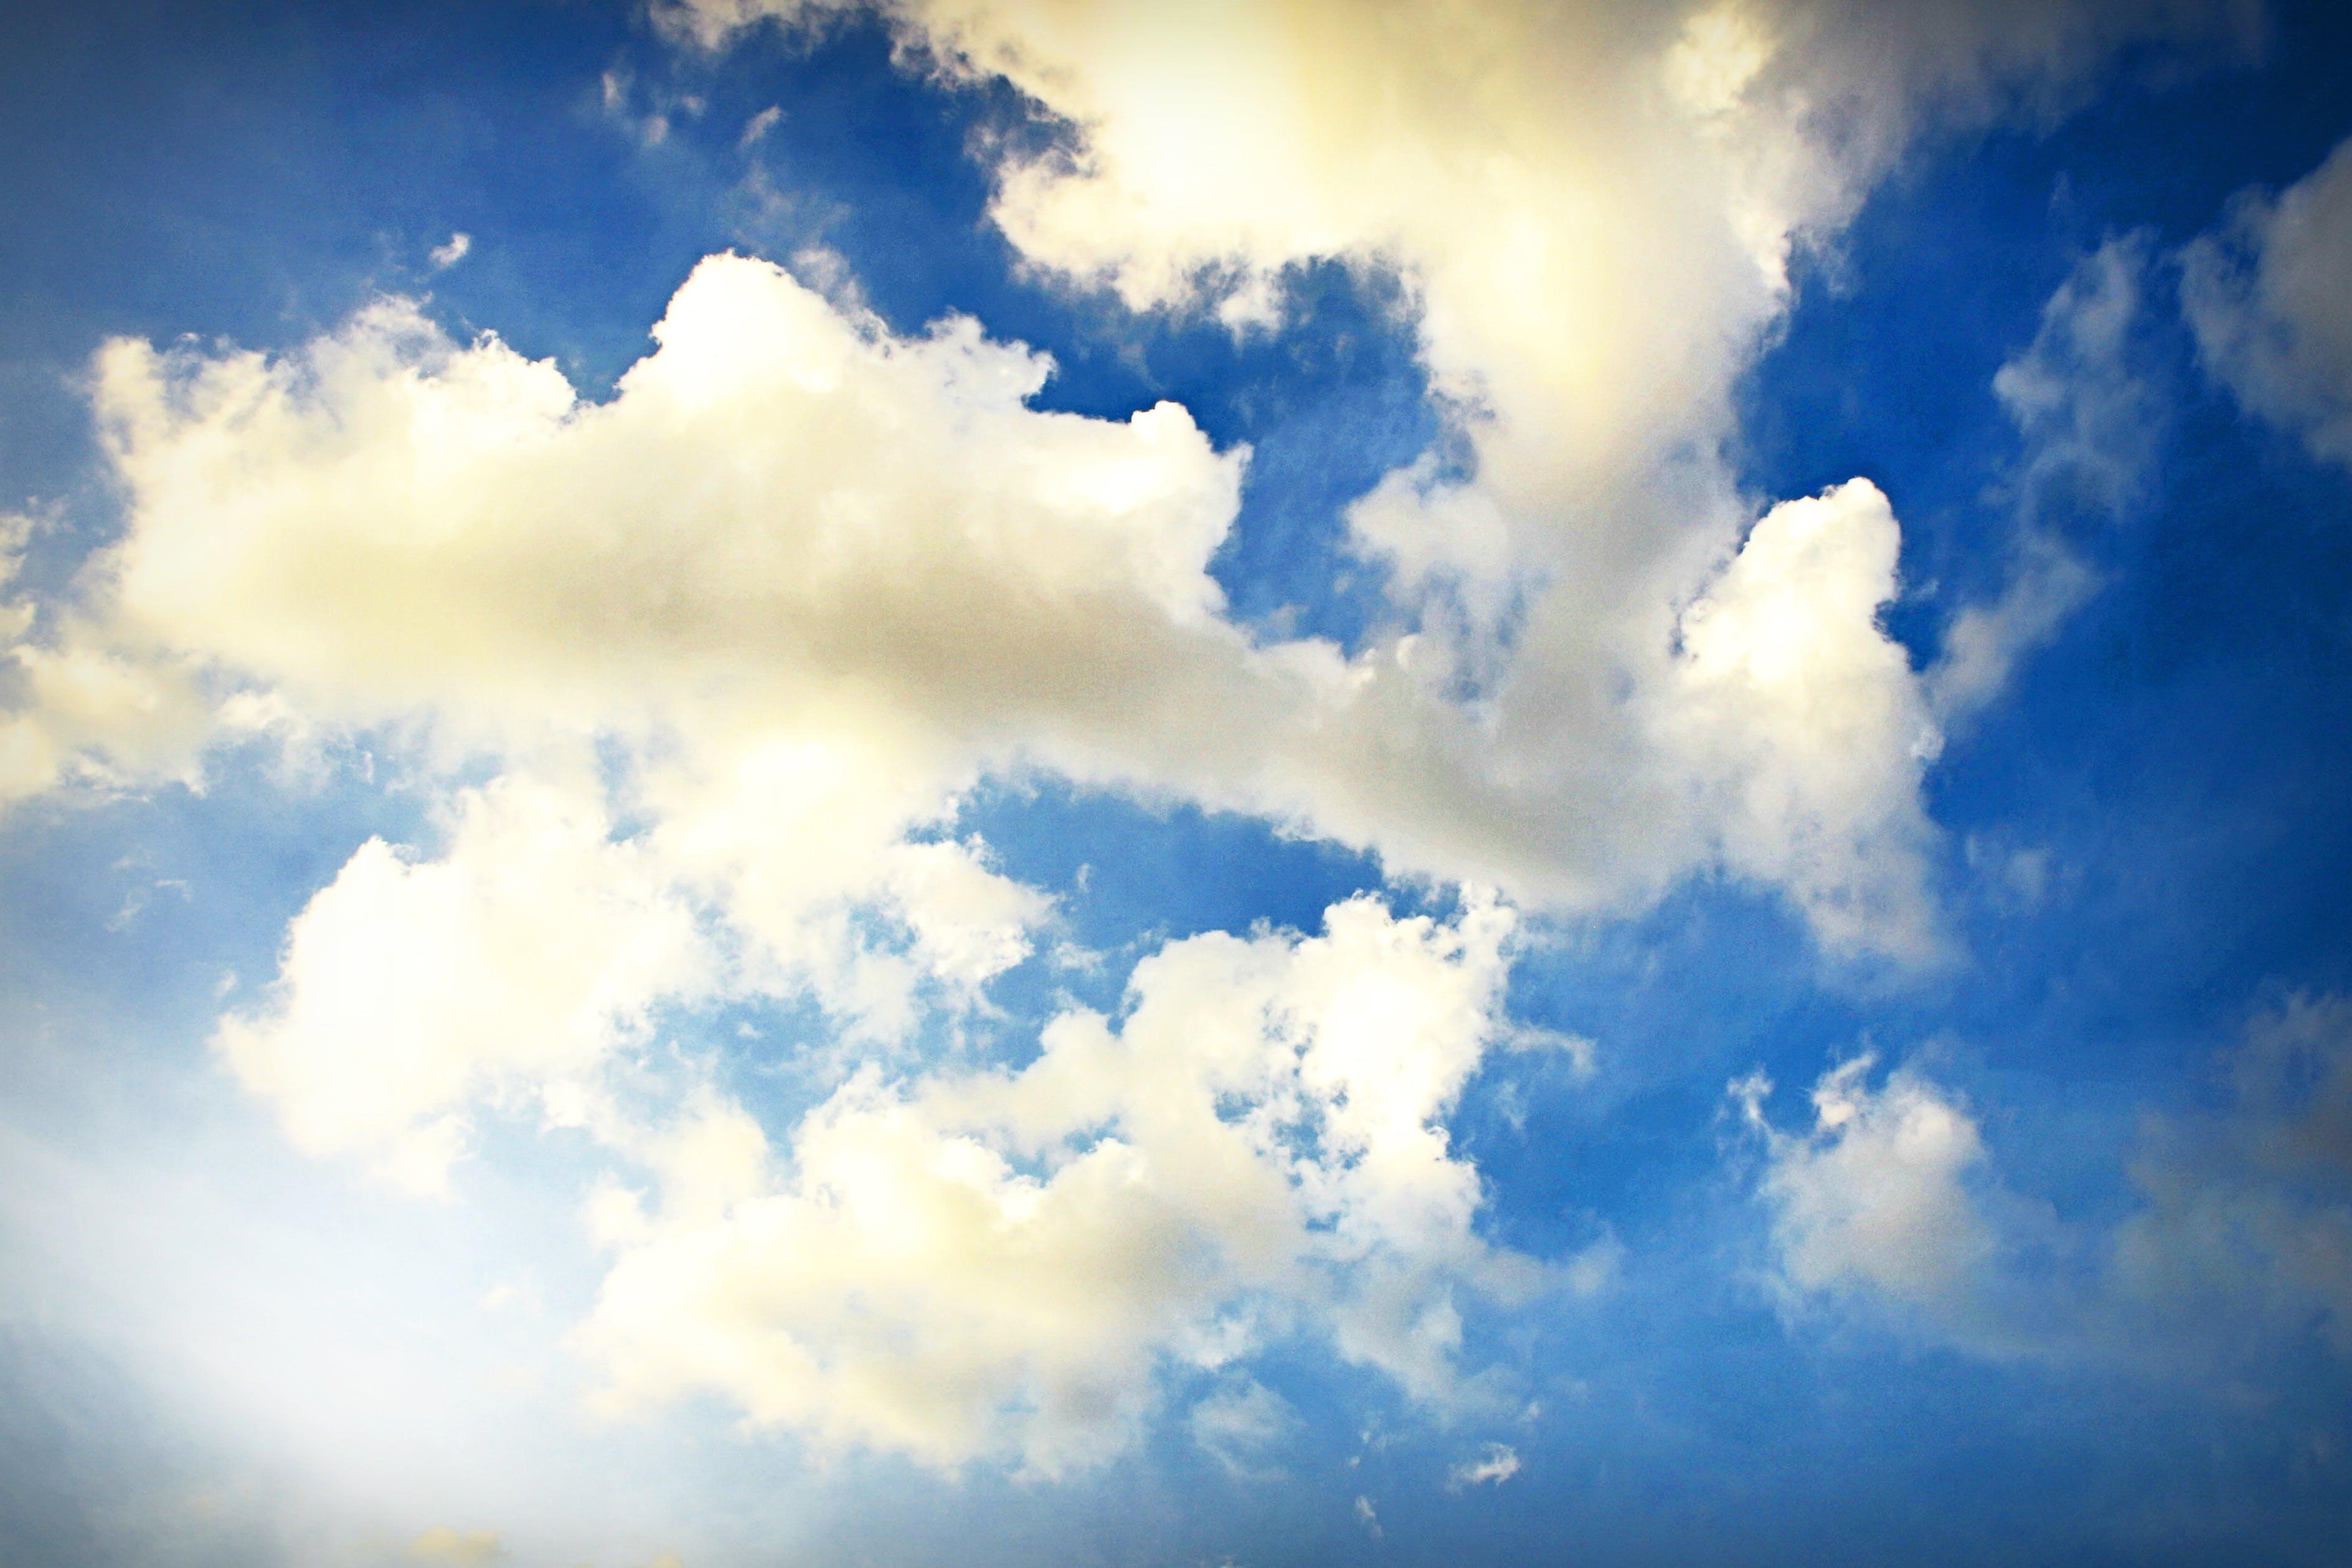 αίθριος καιρός, γαλάζιος ουρανός, γαλήνιος